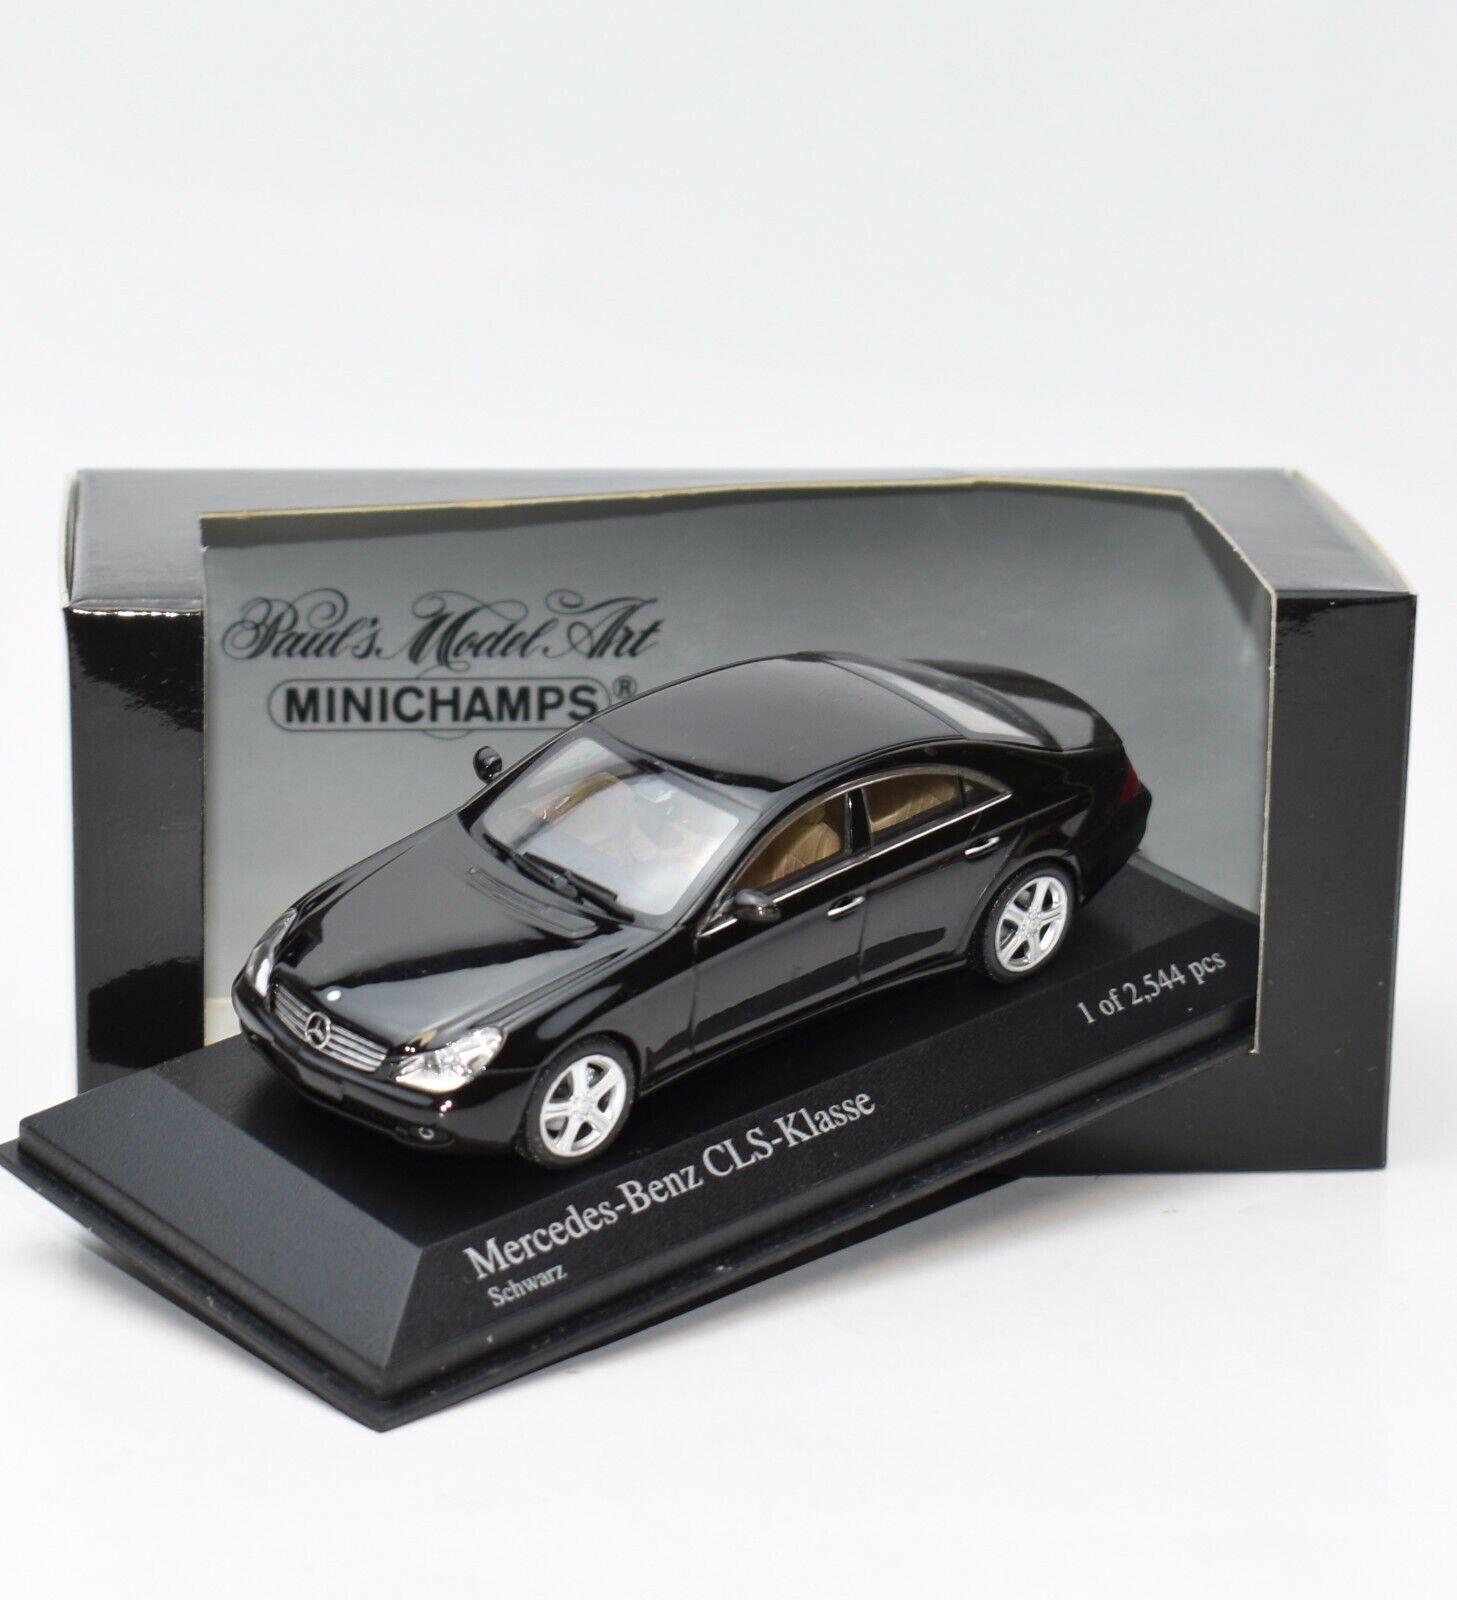 Minichamps 400034300 Mercedes Benz CLS Klasse Bj.2004 schwarz, 1 43 , OVP, K089